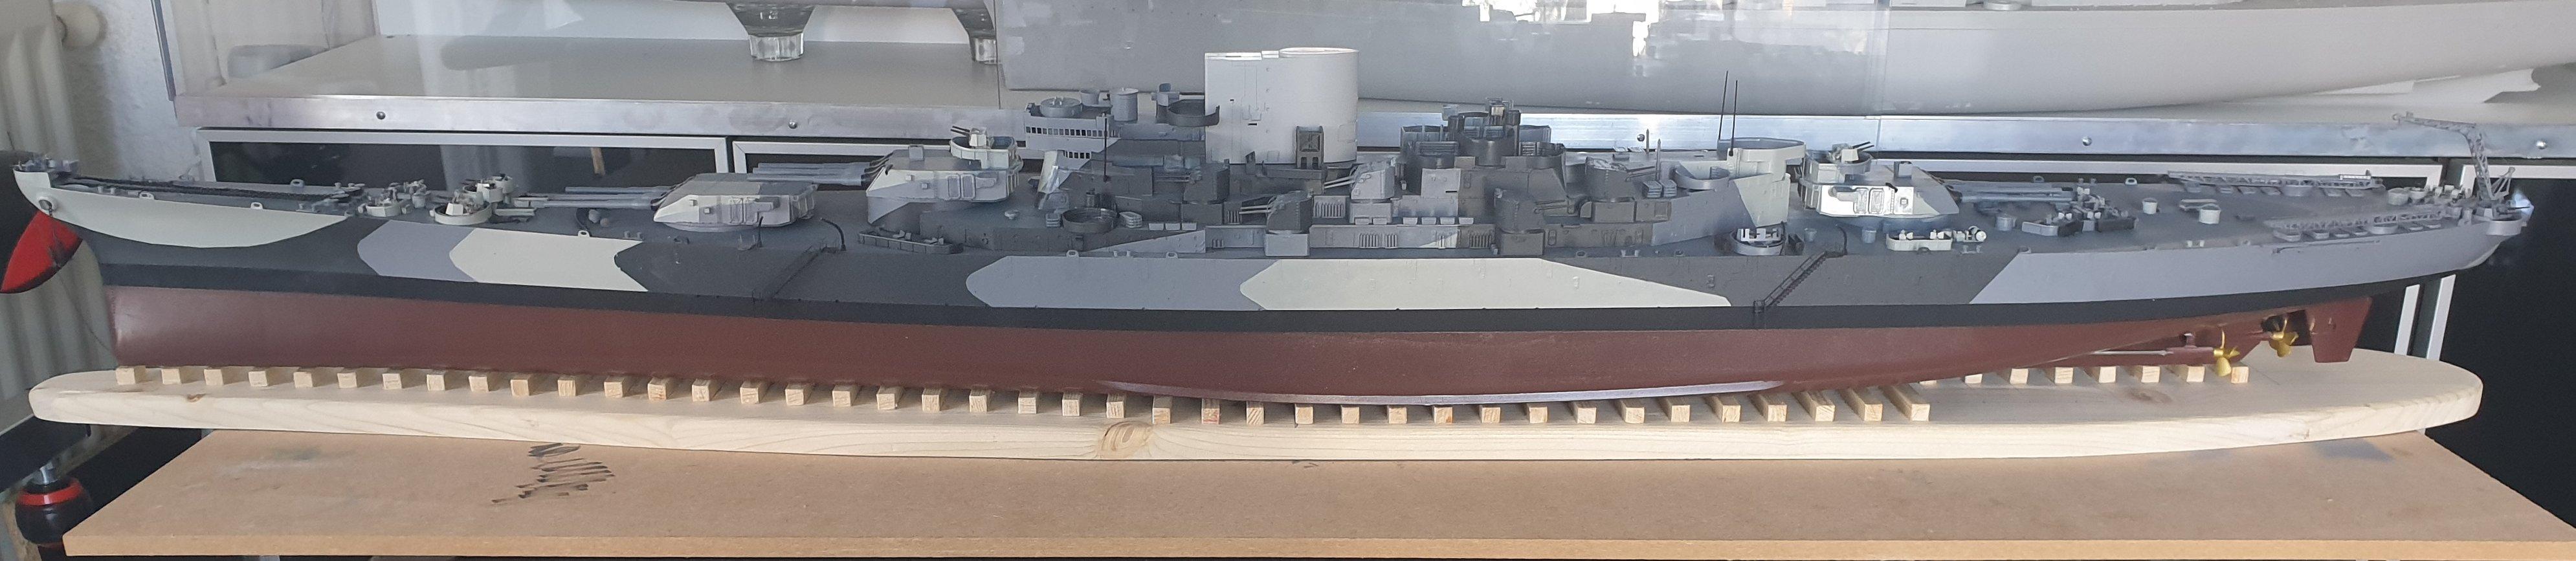 USS Missouri 1/200 par hibikitokay - Page 3 20200714